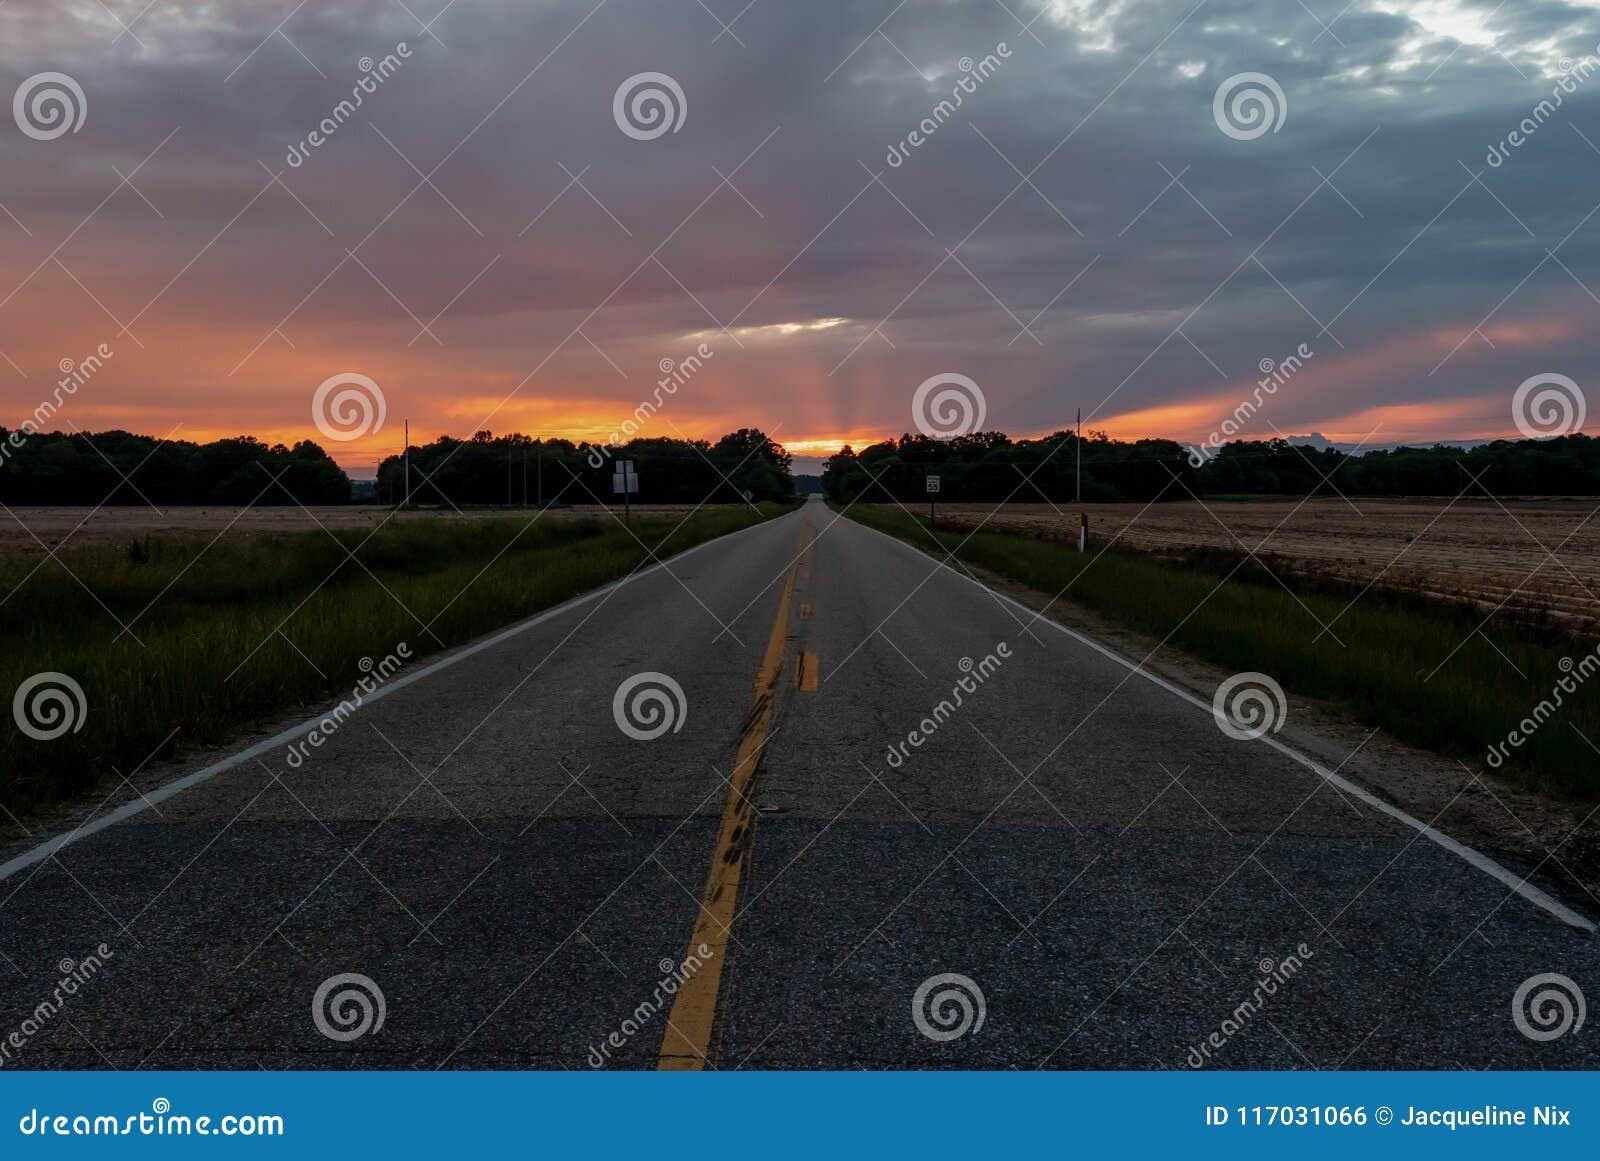 Strada che conduce al tramonto